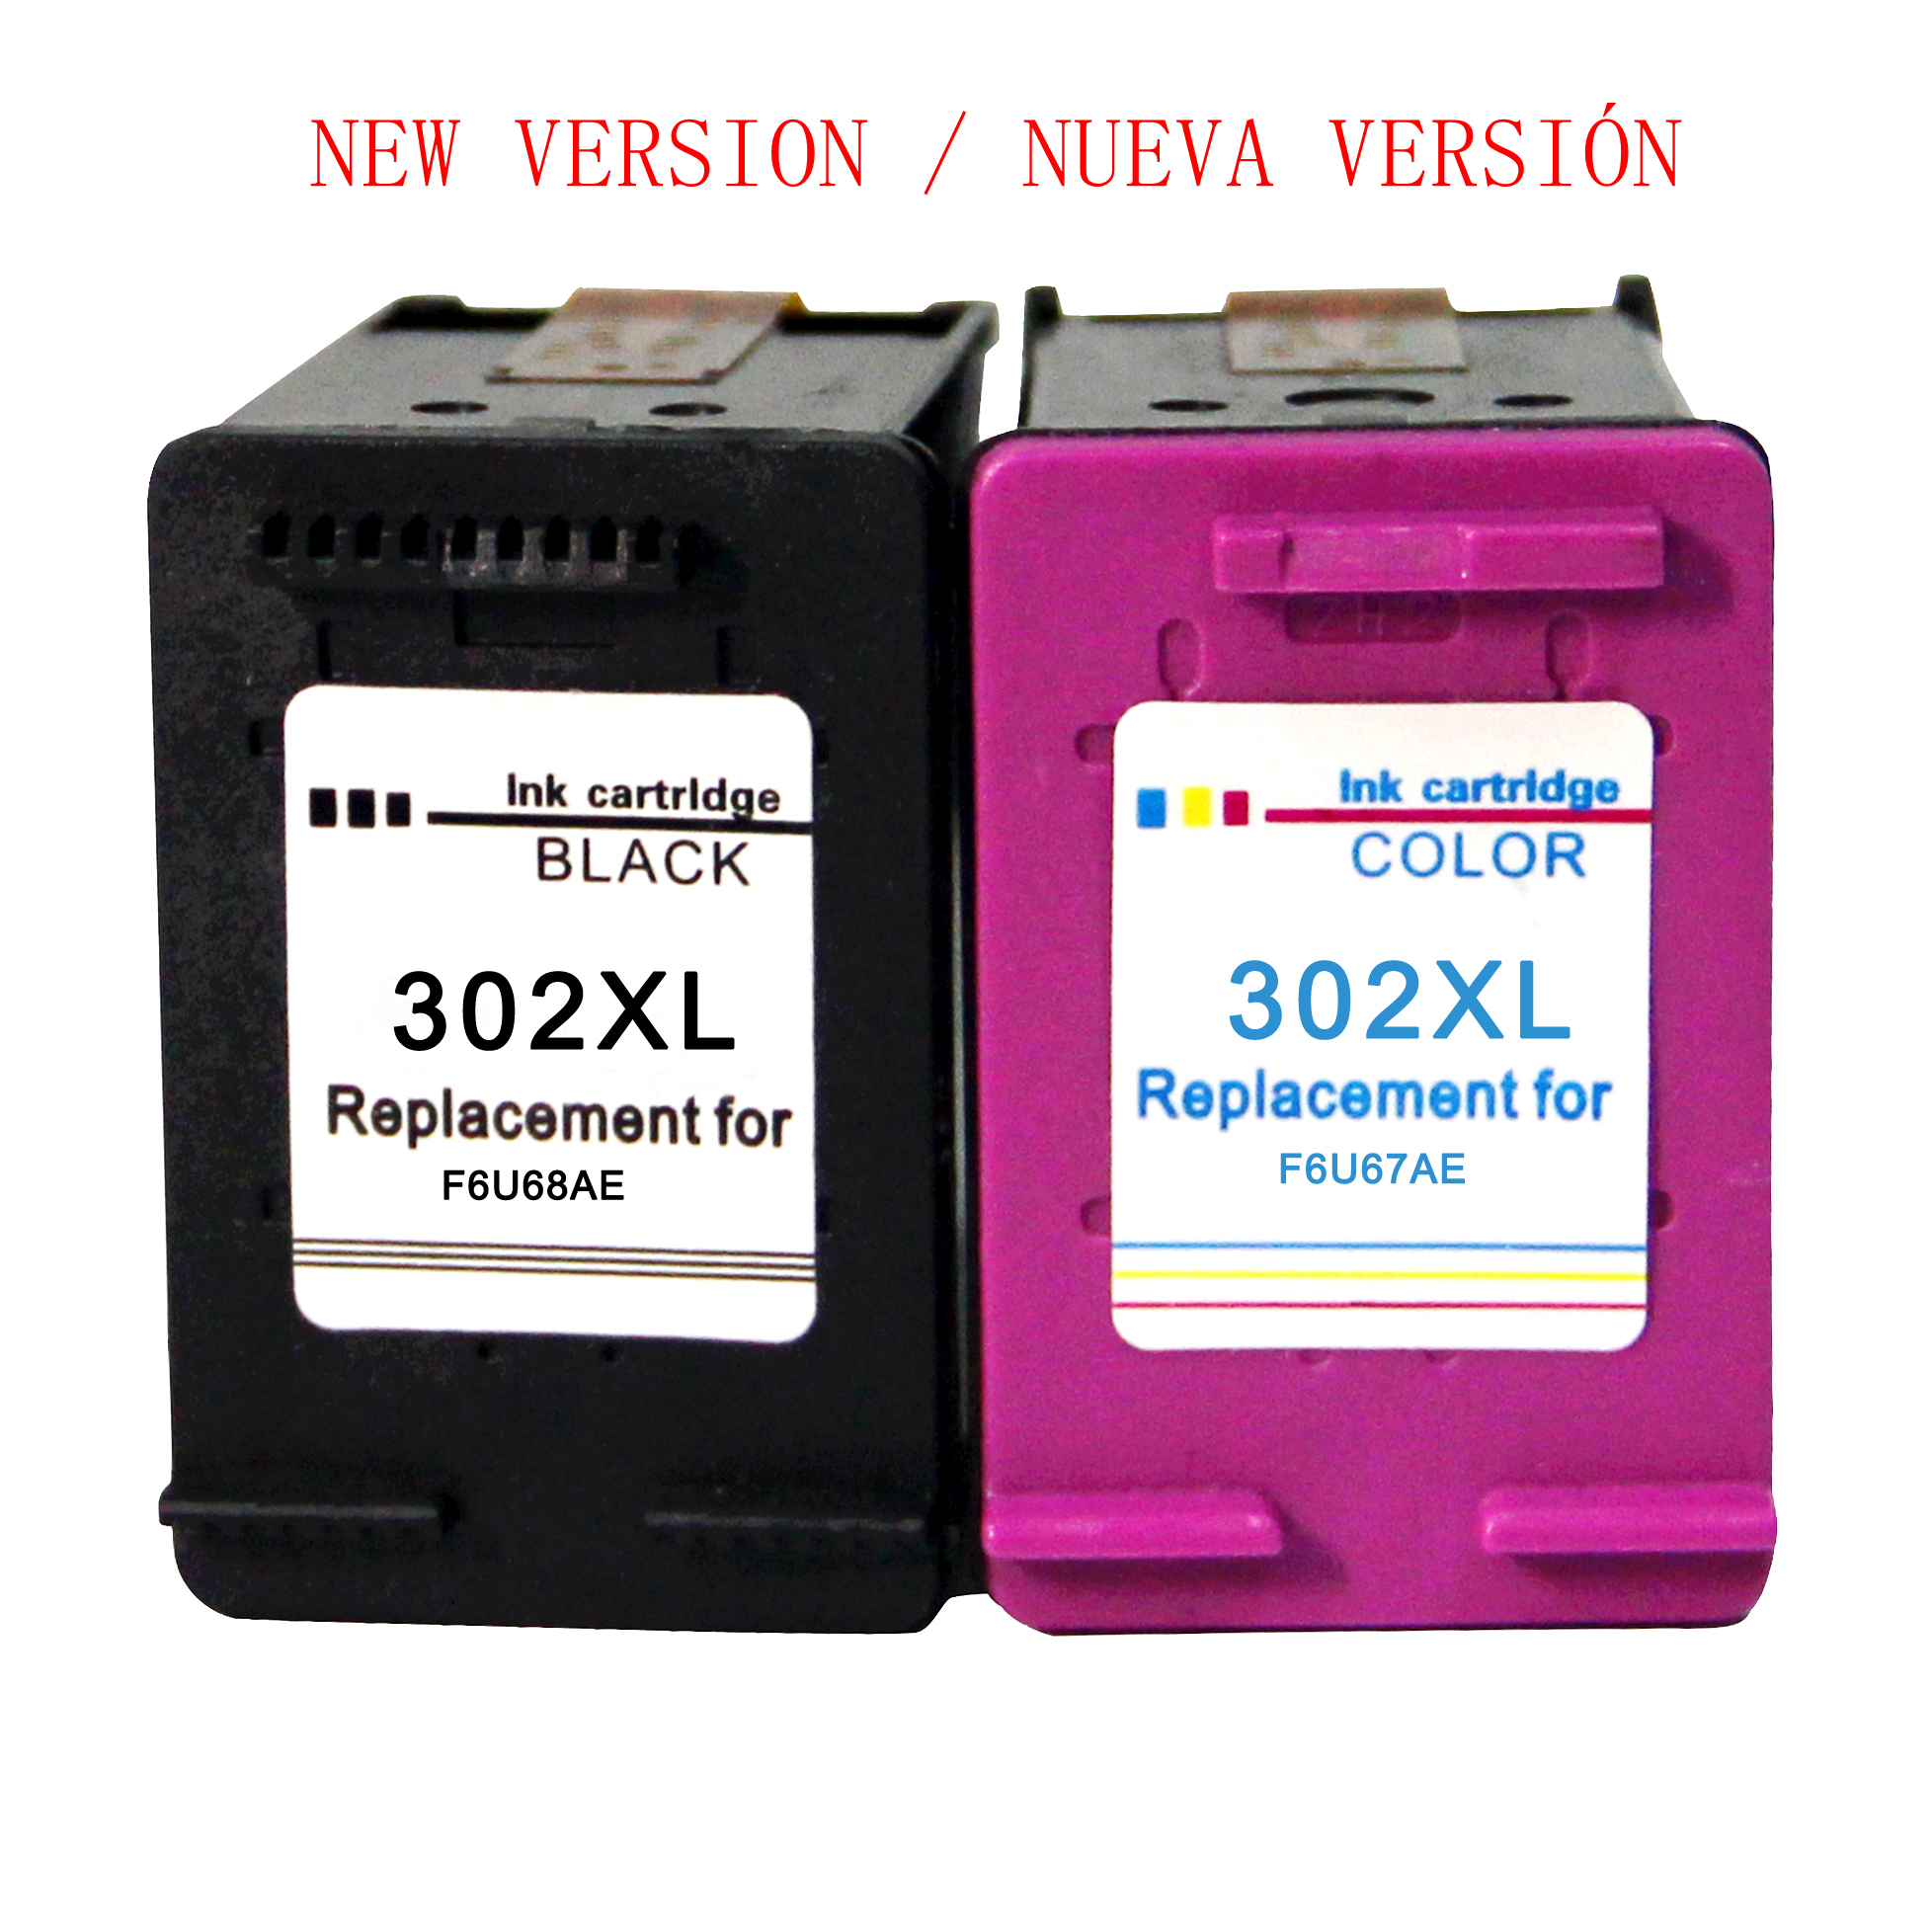 compatible-302xl-ink-cartridges-for-hp-302-for-hp-officejet-5220-5222-5230-5232-3831-3833-envy-4520-4524-deskjet-3639